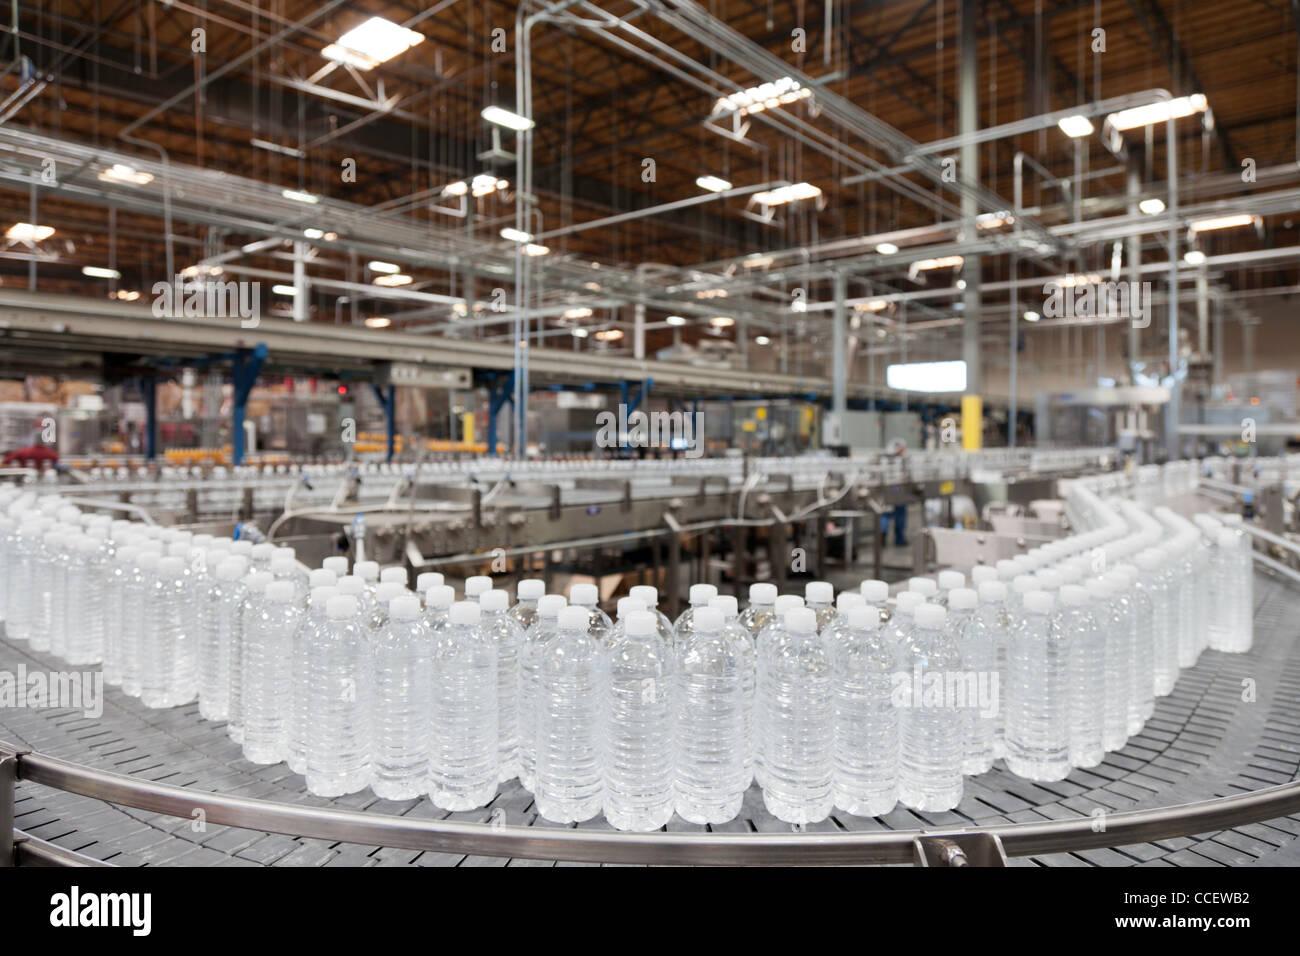 Acqua in bottiglia sul trasportatore a impianto di imbottigliamento Immagini Stock